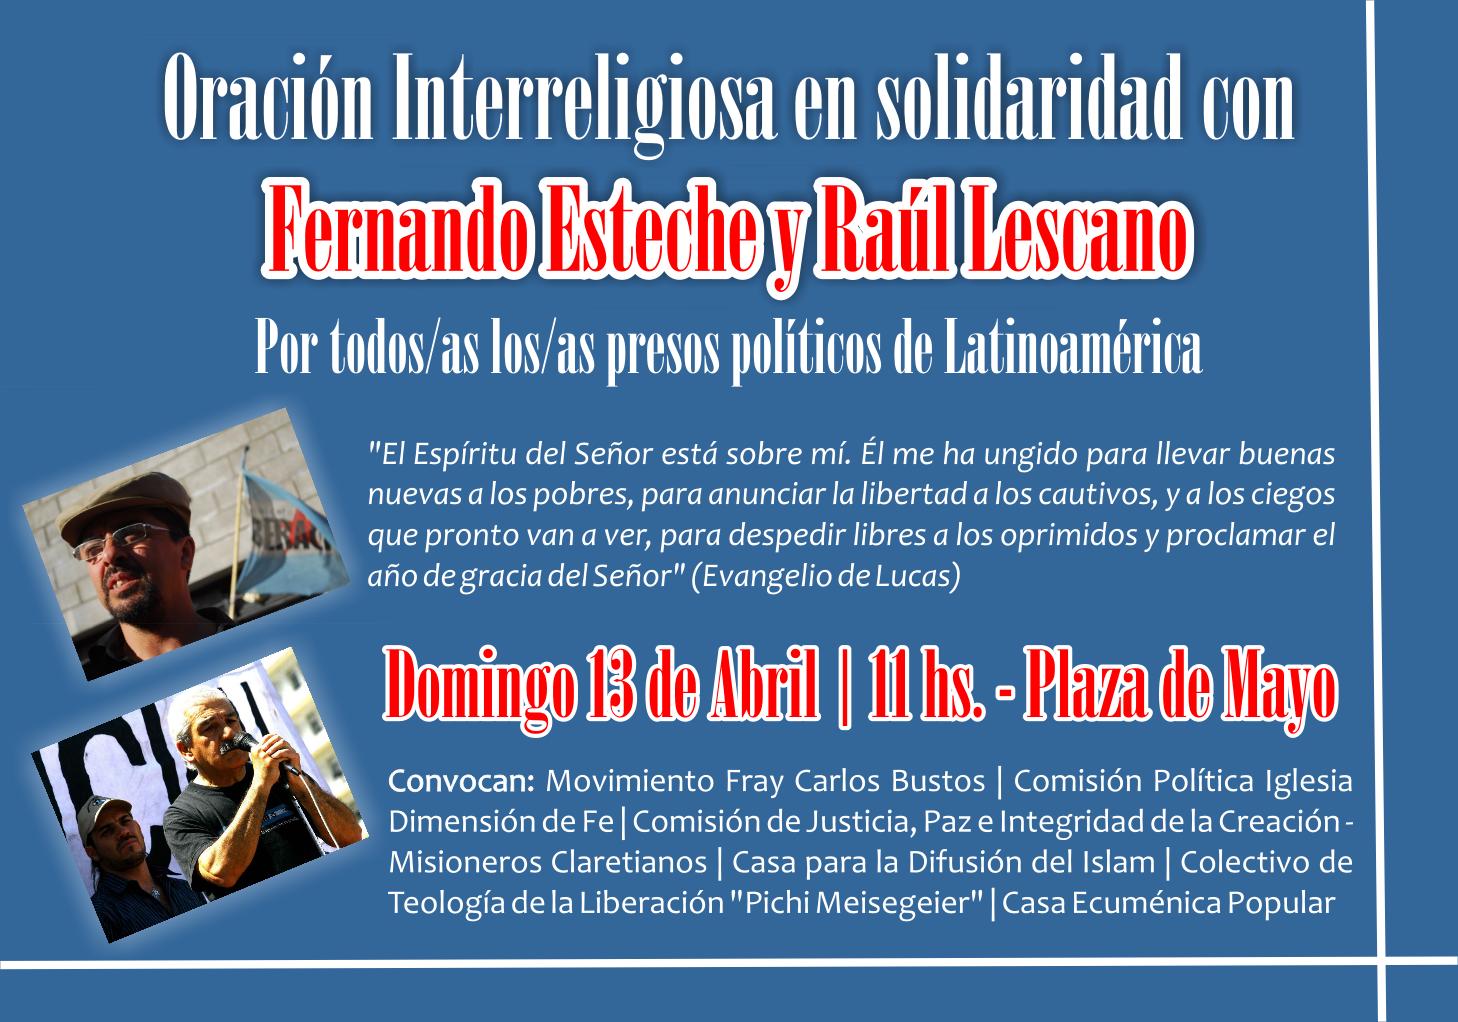 Por la libertad de Esteche y Lescano y todos los presos políticos